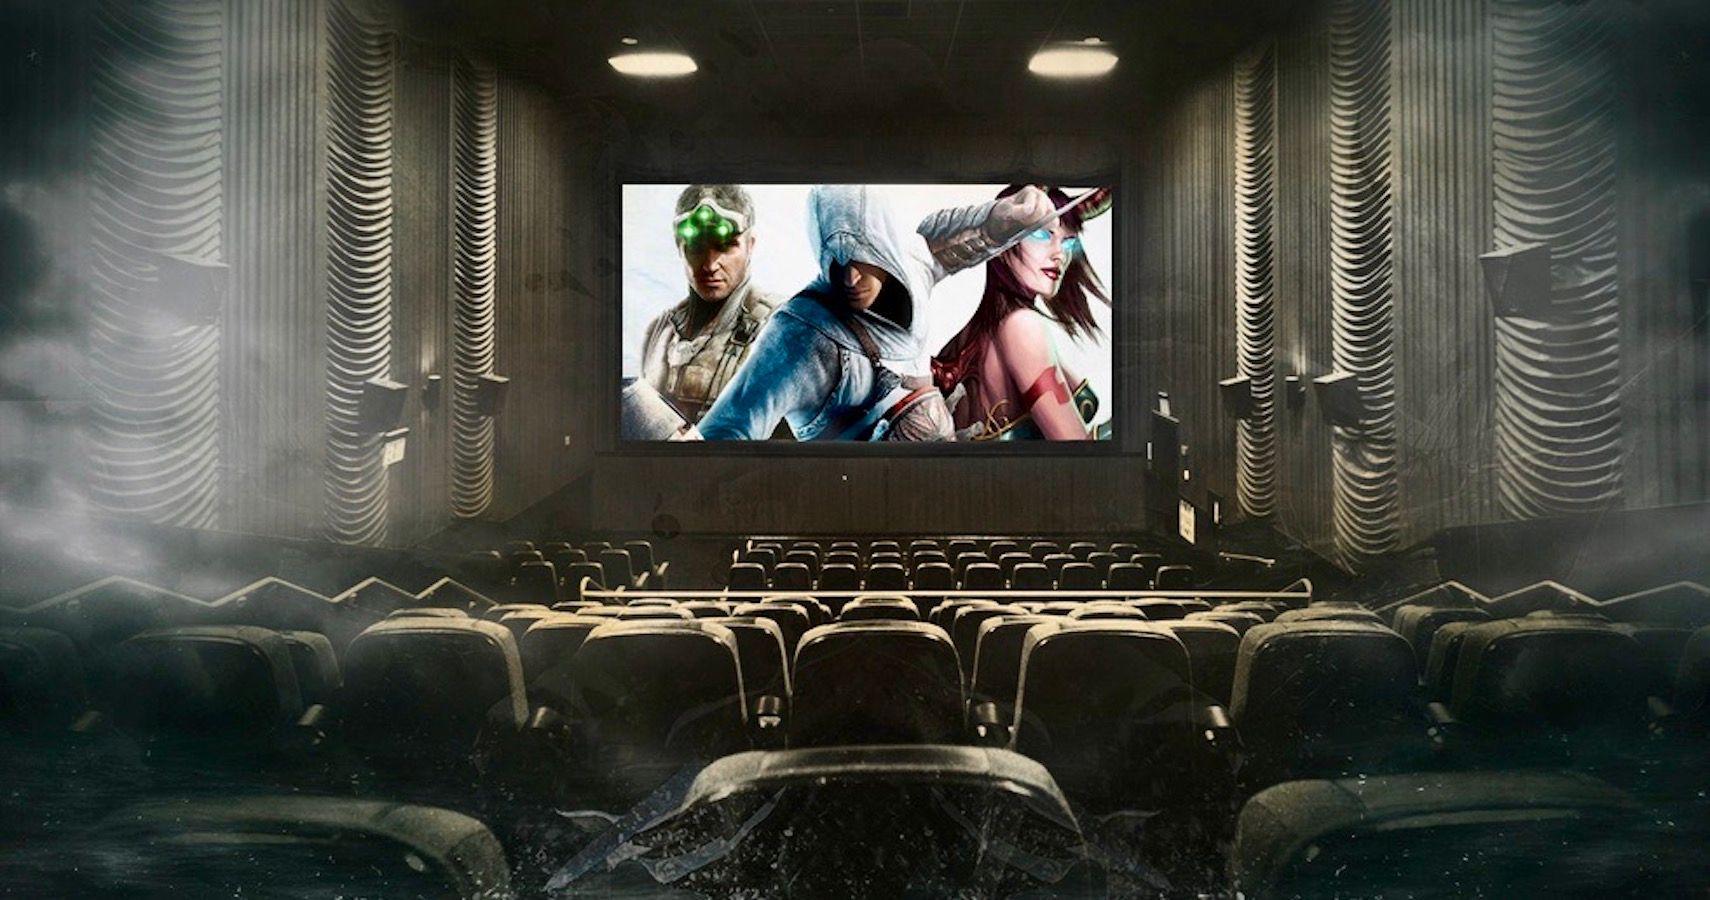 В Південній Кореї кінотеатри почали здавати геймерам